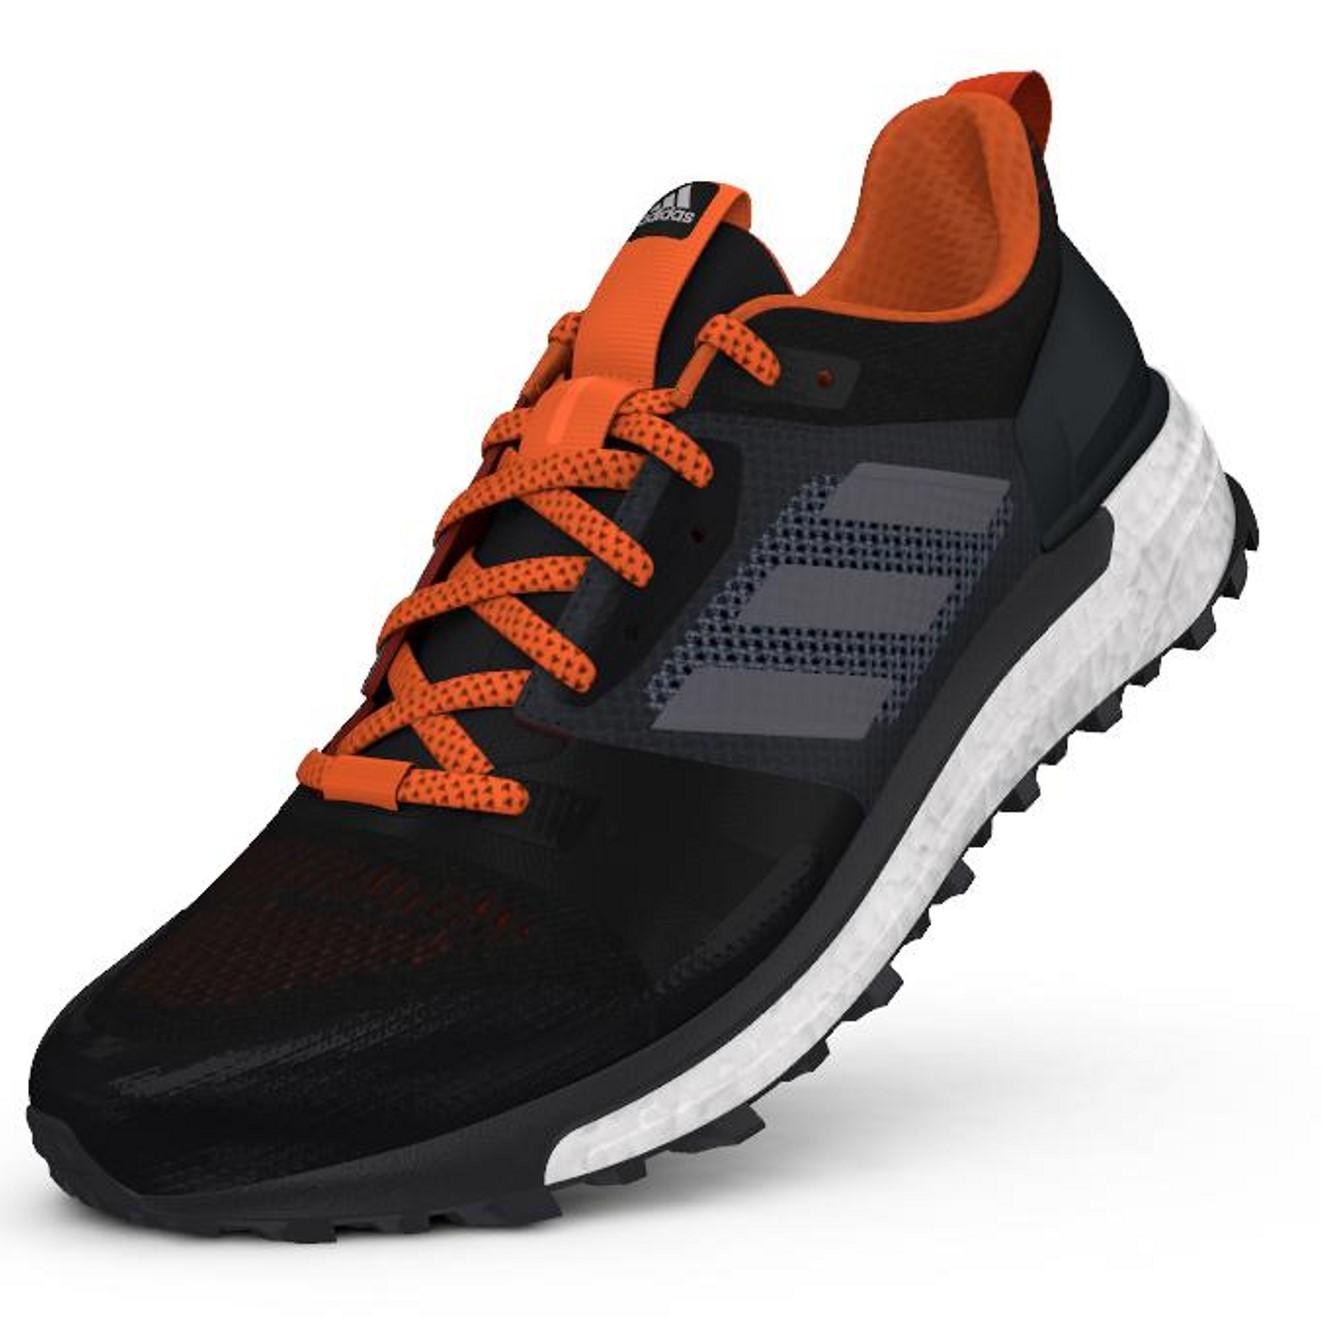 629b2e4aadae8 ... Pánské běžecké boty adidas SUPERNOVA TRAIL M černé. 0 Kč